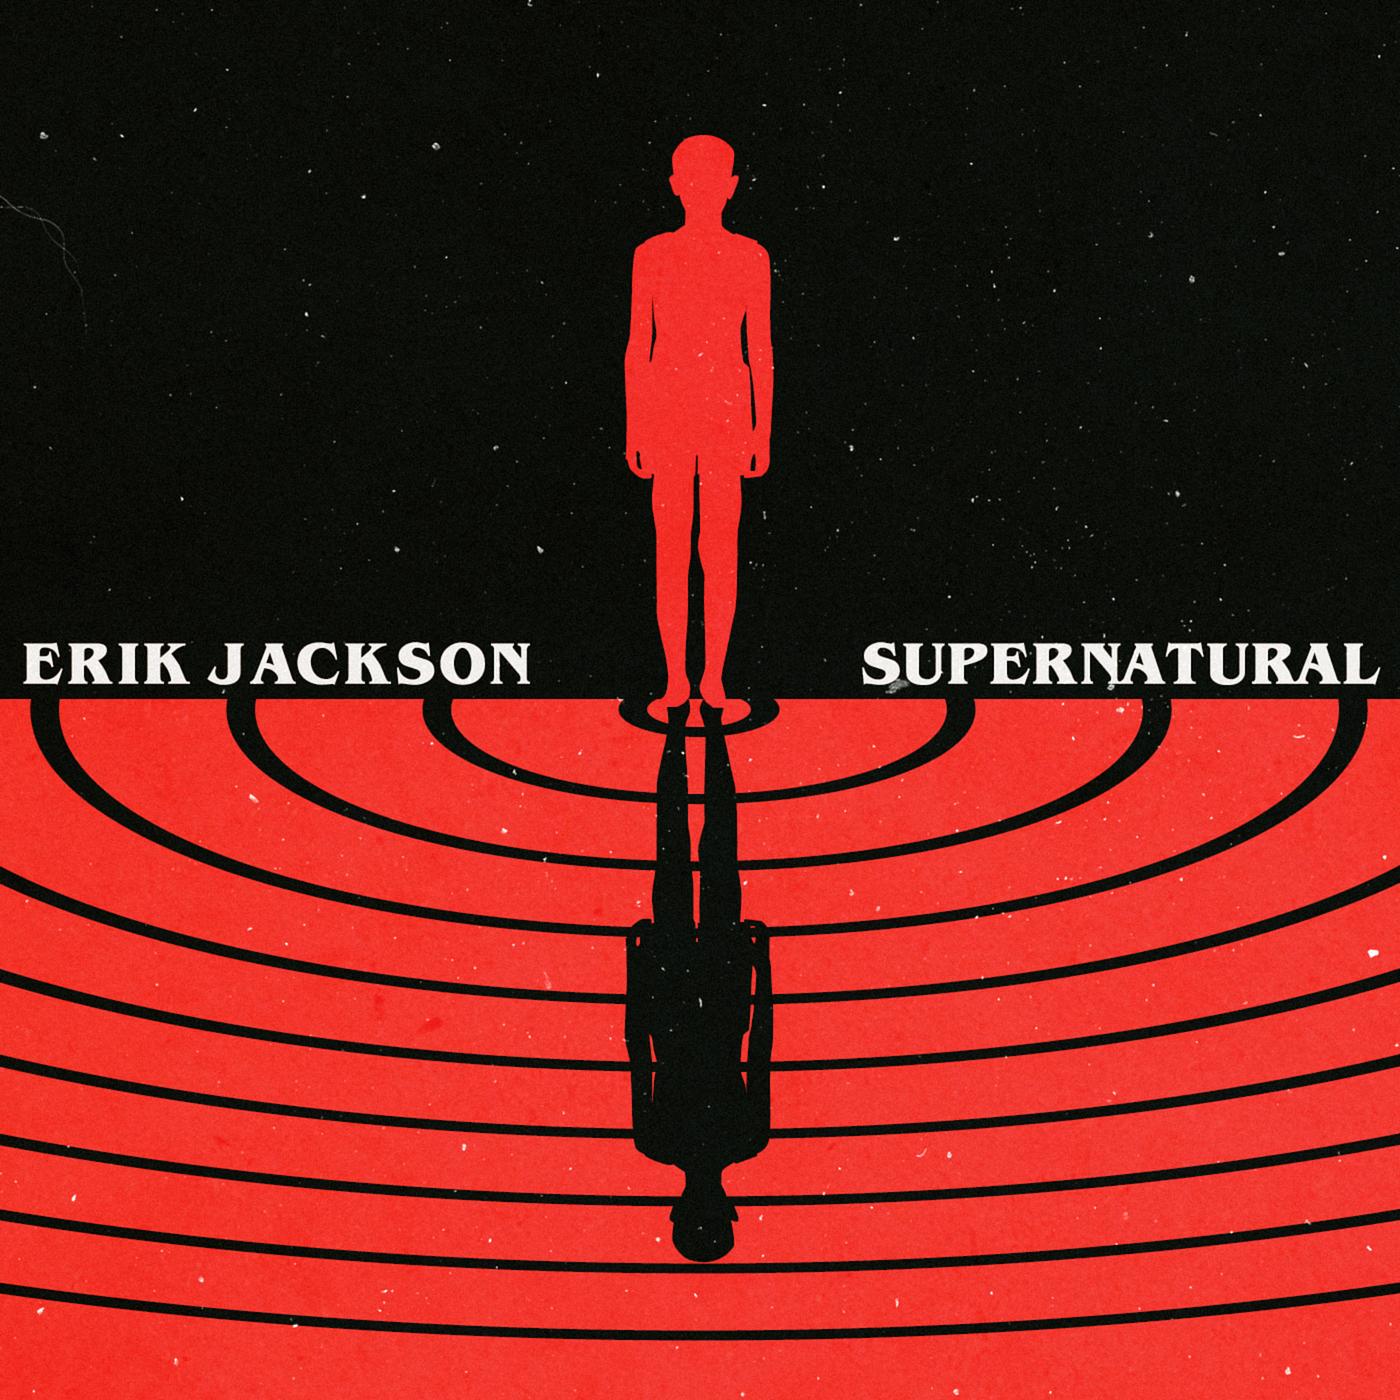 erik-jackson-supernatural